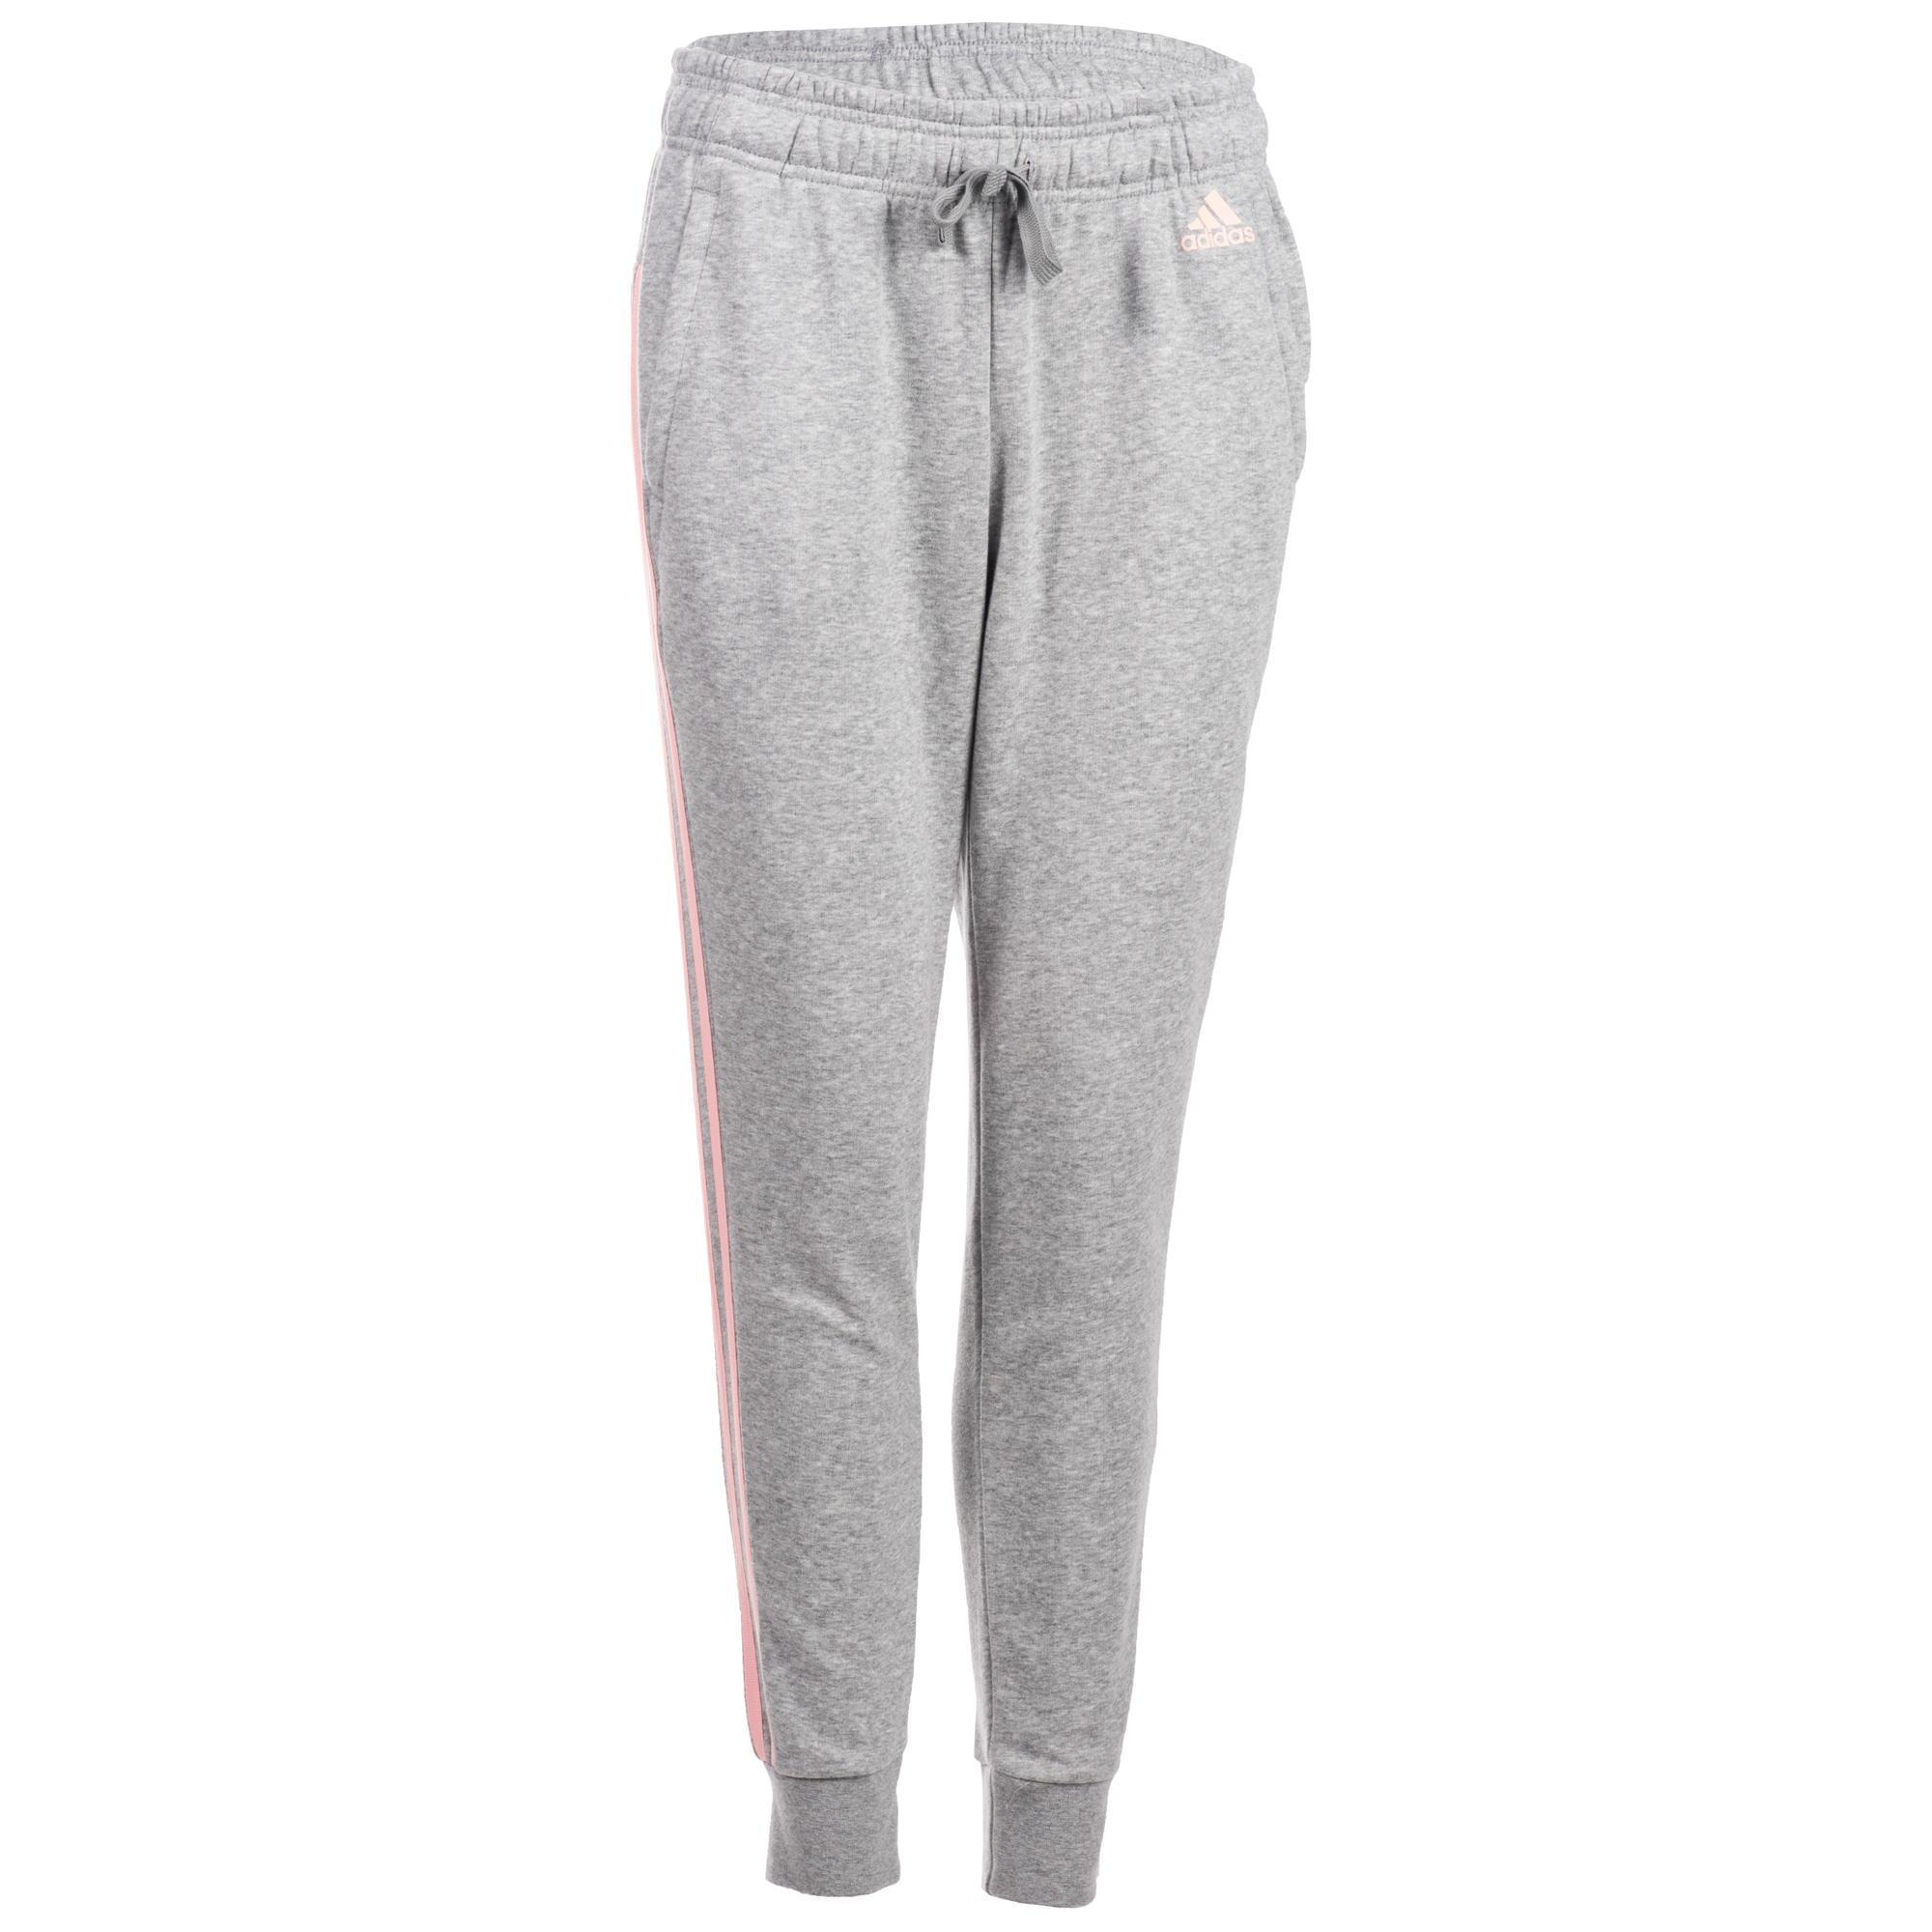 aca17b692bd Adidas Damesbroek Adidas 3S 500 voor gym en stretching grijs kopen met  voordeel